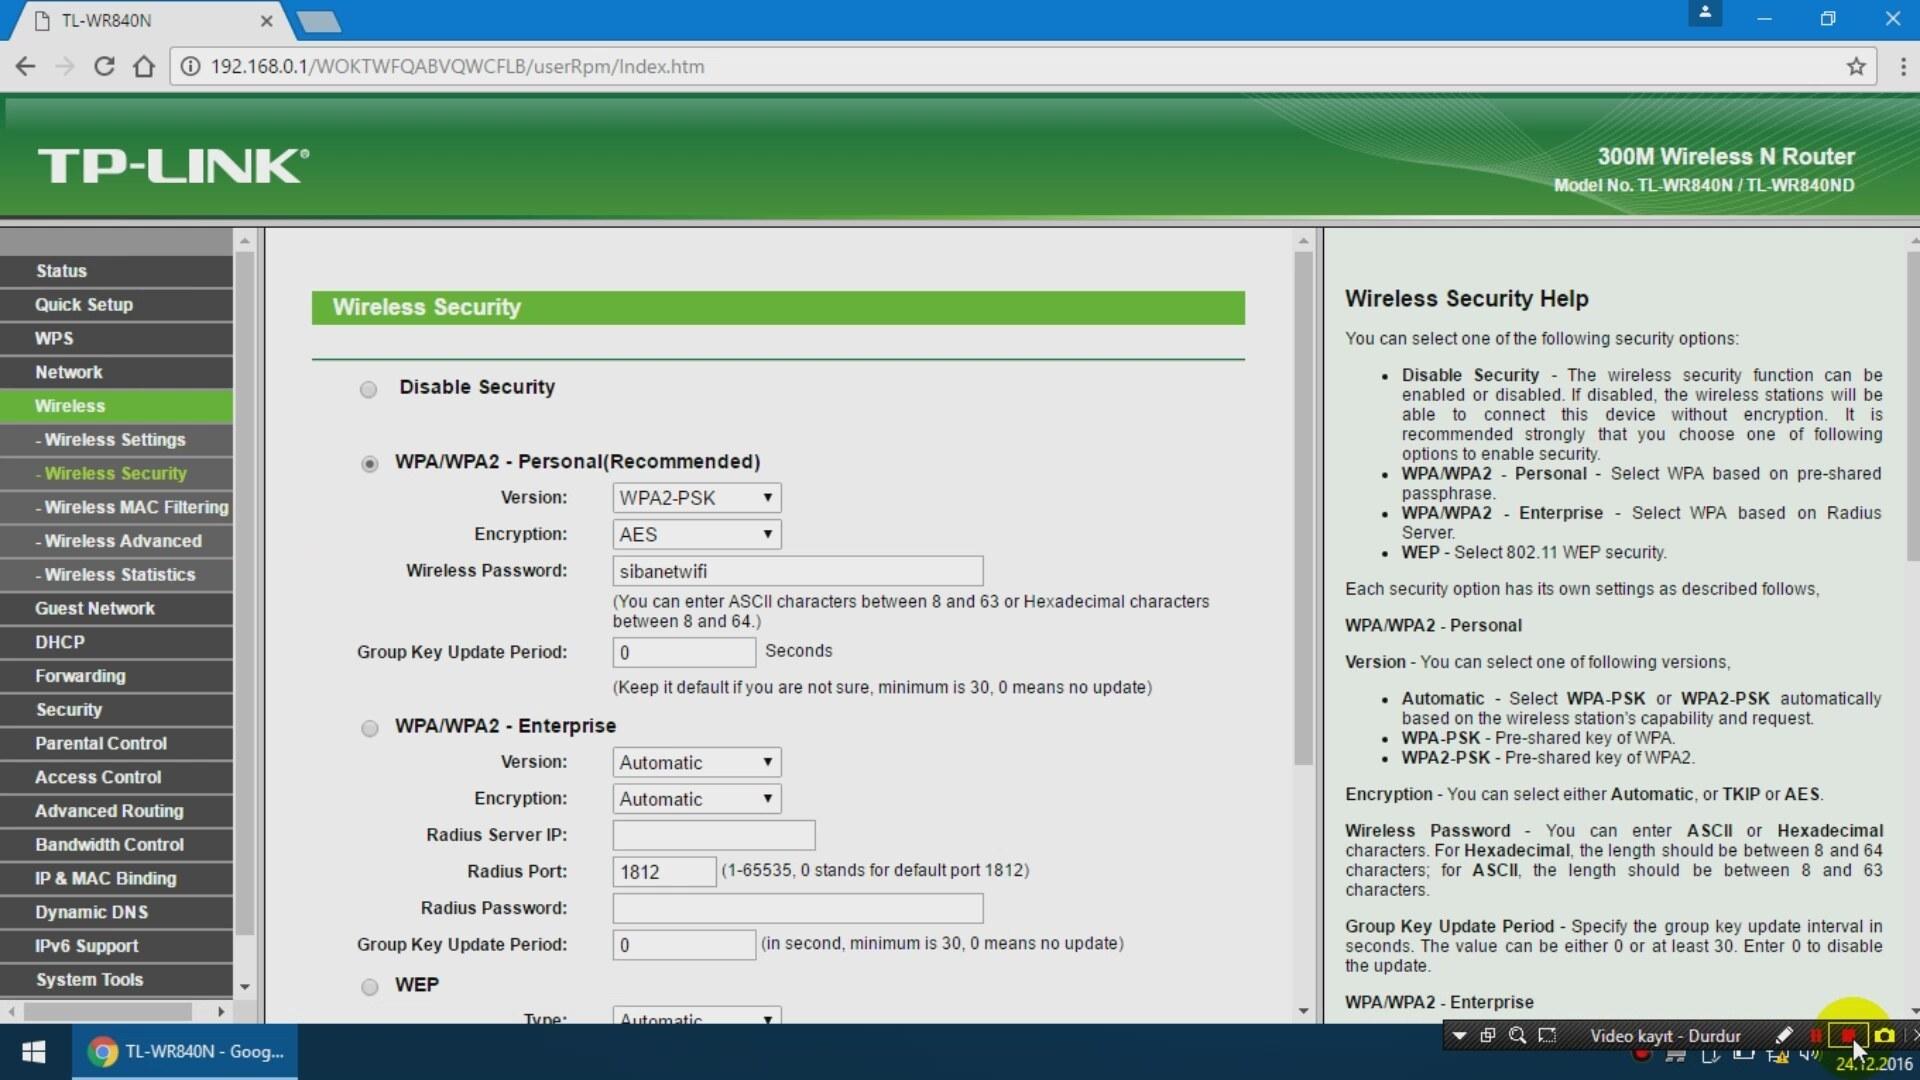 NVIDIA X-COP 9700: özellikleri, kılavuzları ve yorumları 10